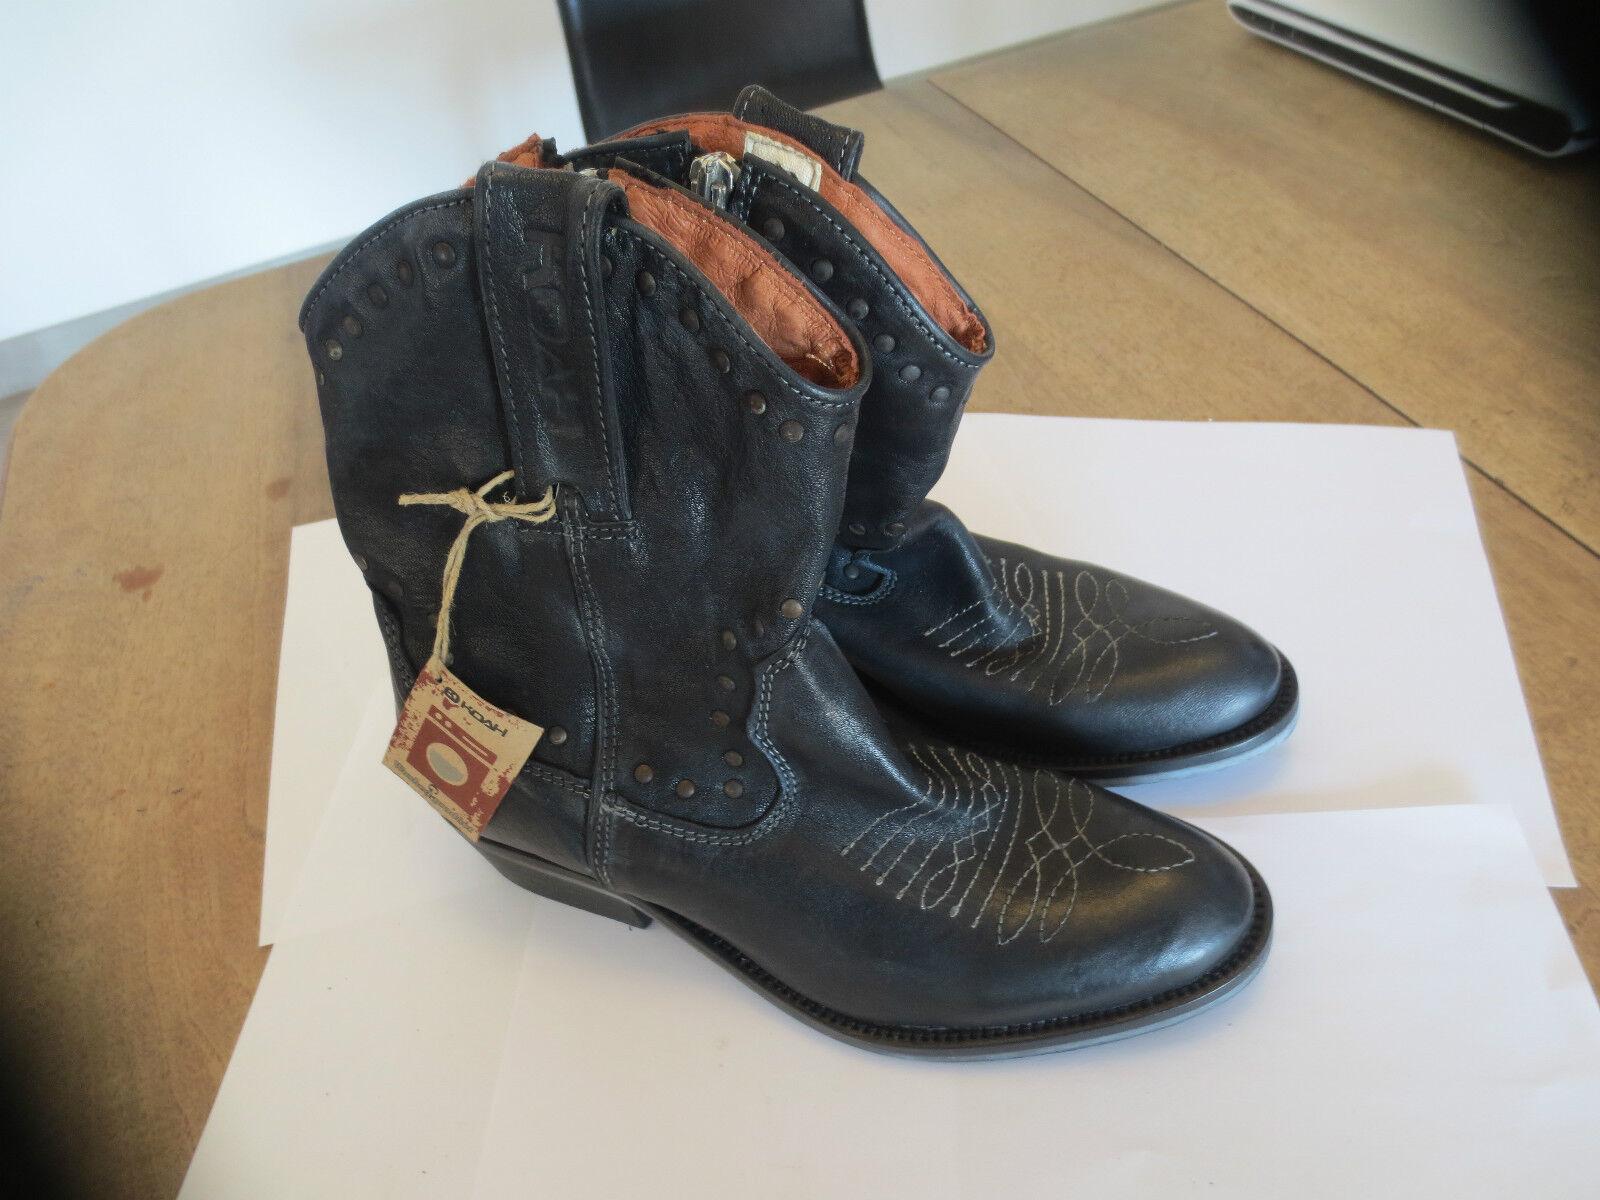 Koah boots jumper cuir noir NEUVE Valeur 149E Pointures 36,37.